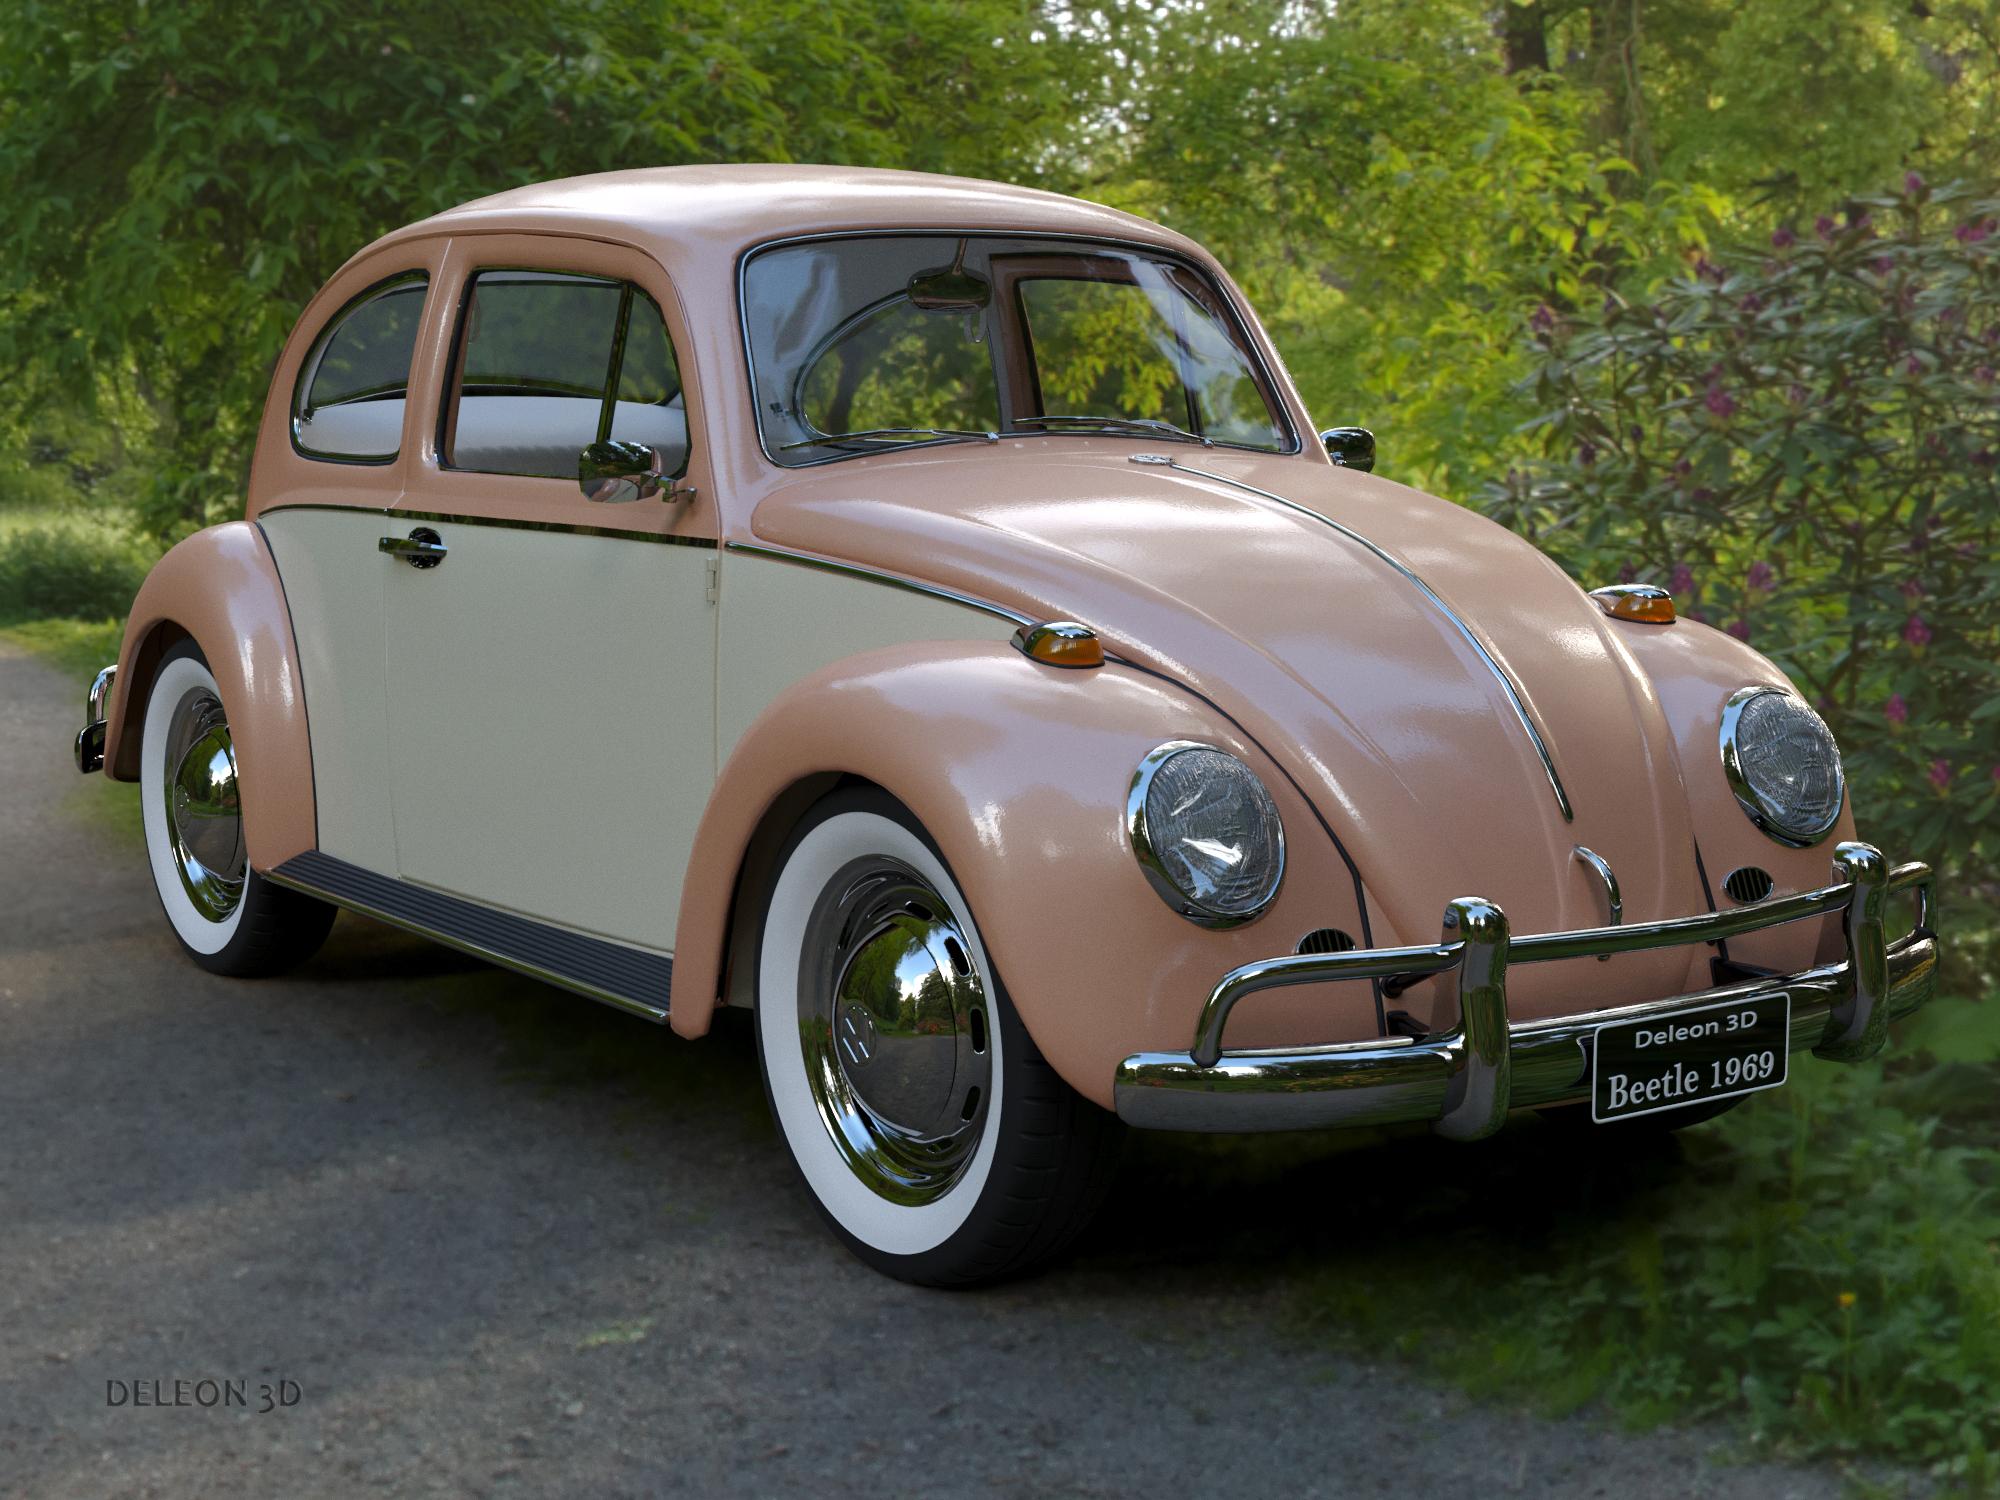 volkswagen beetle fusca 1969 3d model max max max lxo fbx c4d stl ztl obj jpeg 263356